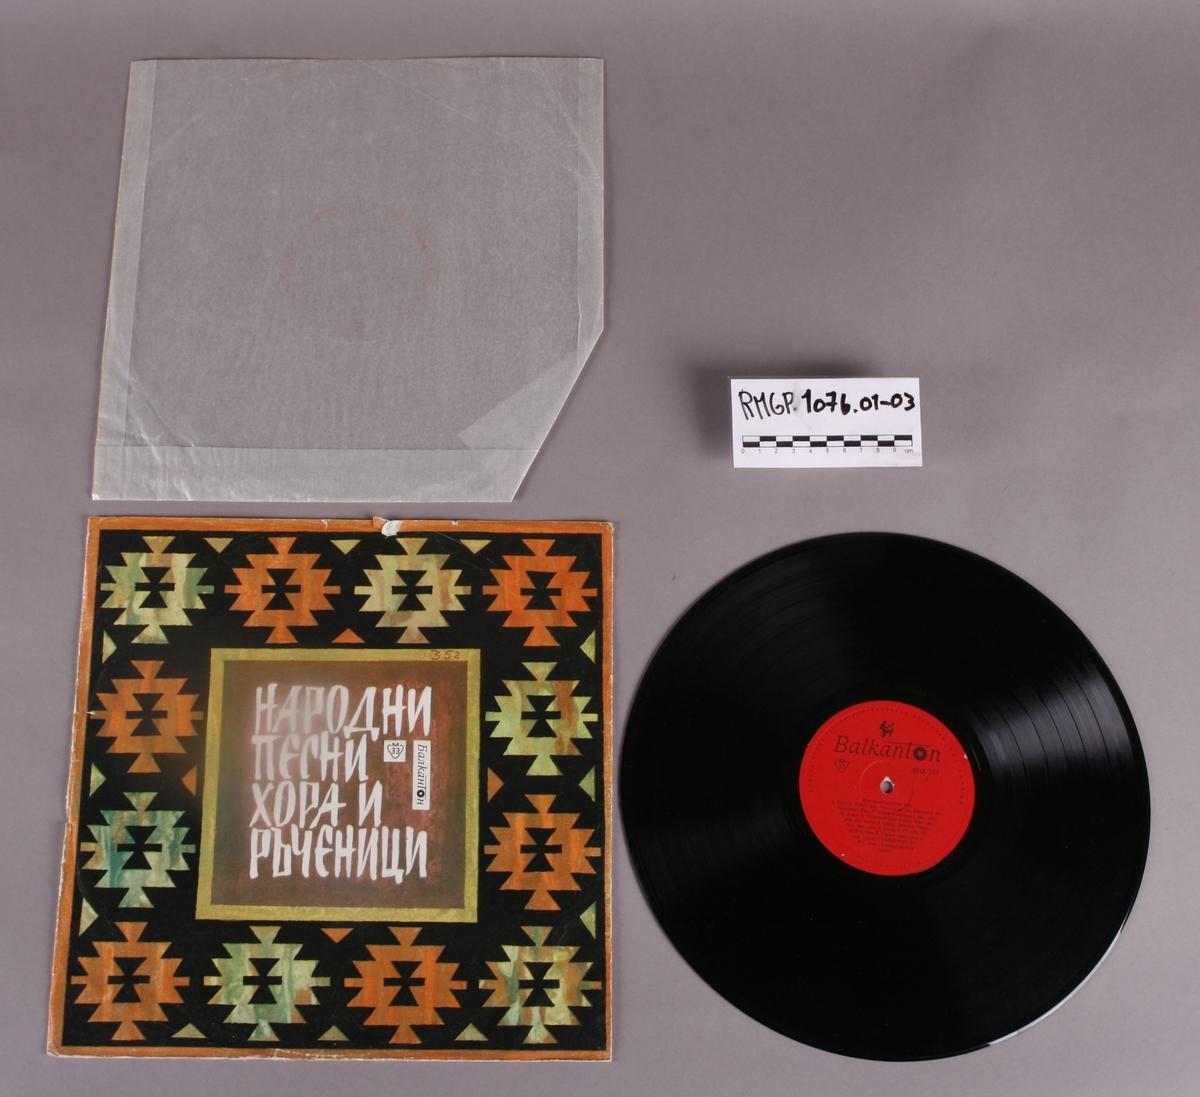 Grammofonplate i svart vinyl med plateomslag av papir. Platen ligger i en plastlomme. Det er påskrift på baksiden av plateomslaget (se bilde).